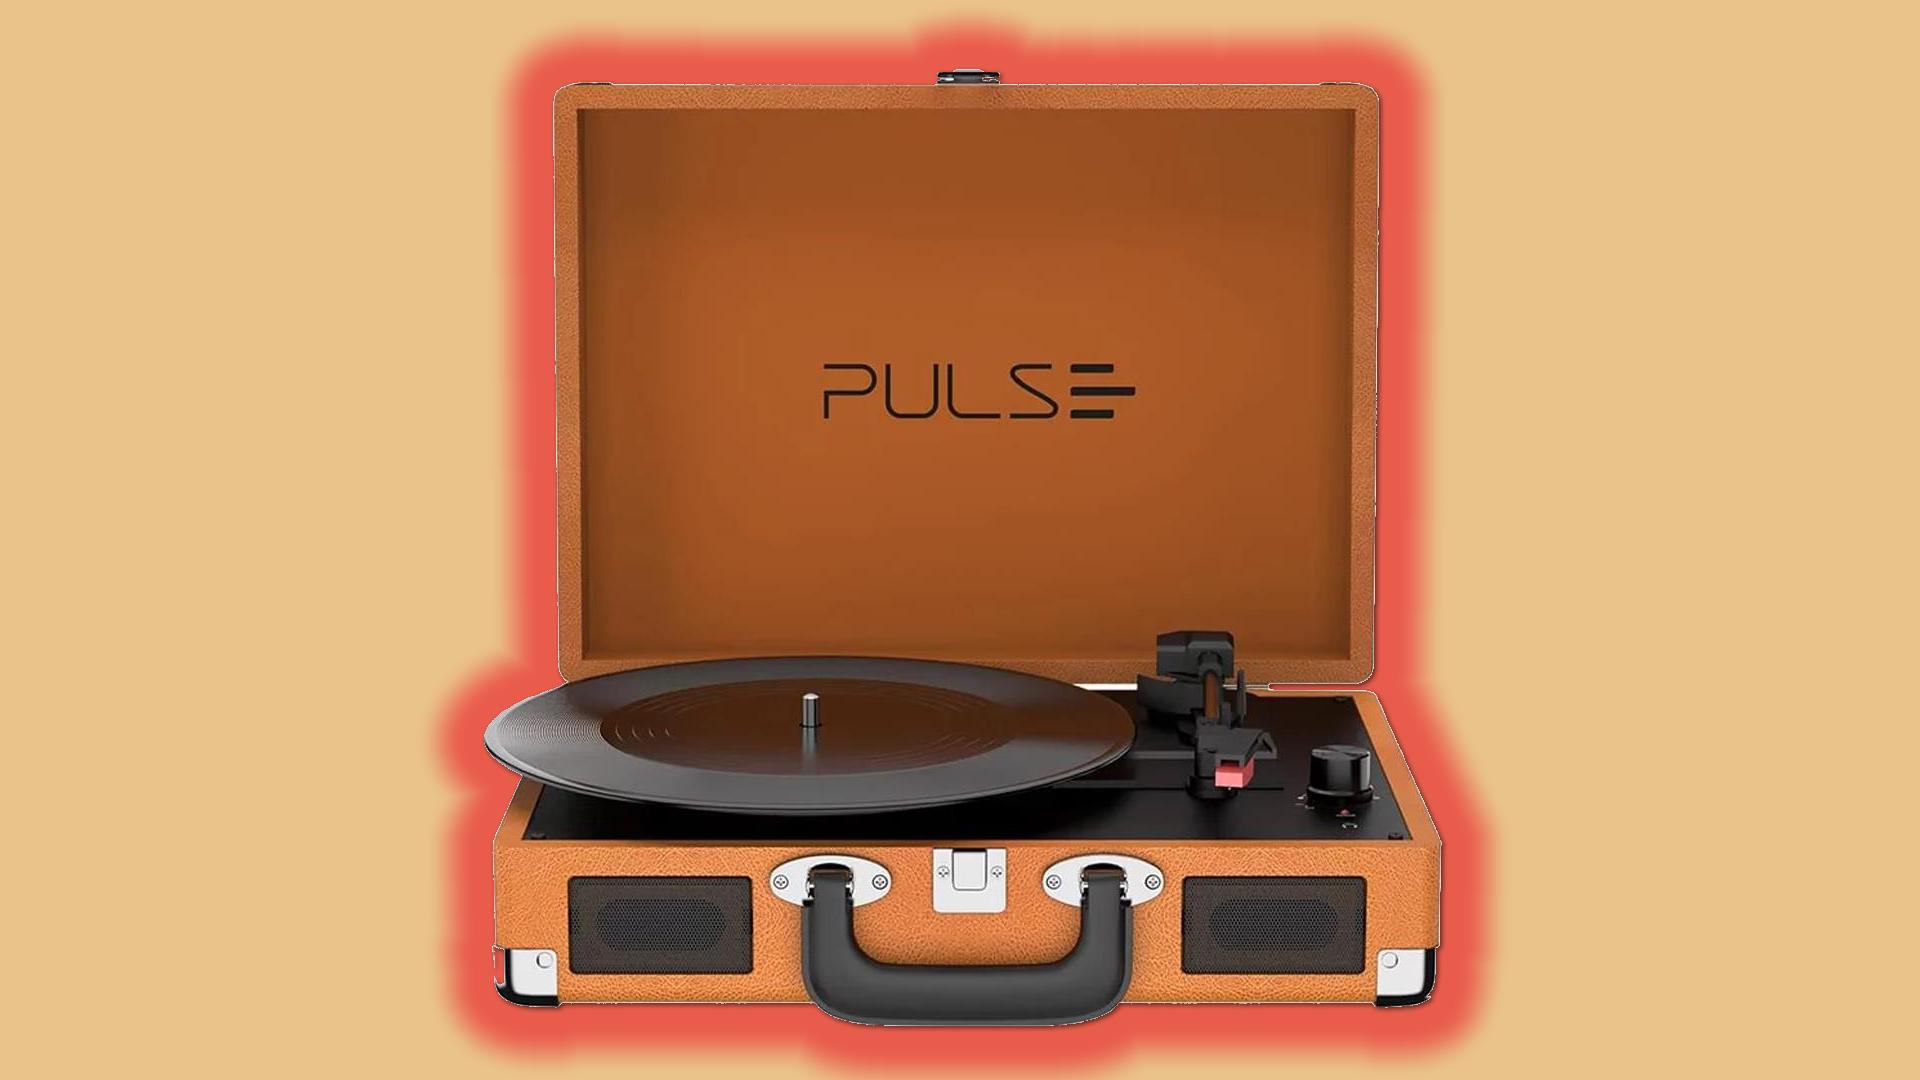 Pulse lança três vitrolas retrô e amplia portfólio de áudio. Berry, turntable e sinatra são as novas vitrolas retrô que trazem conexão bluetooth 5. 0 e suporte a caixas de som externas, unindo potência sonora e belo visual